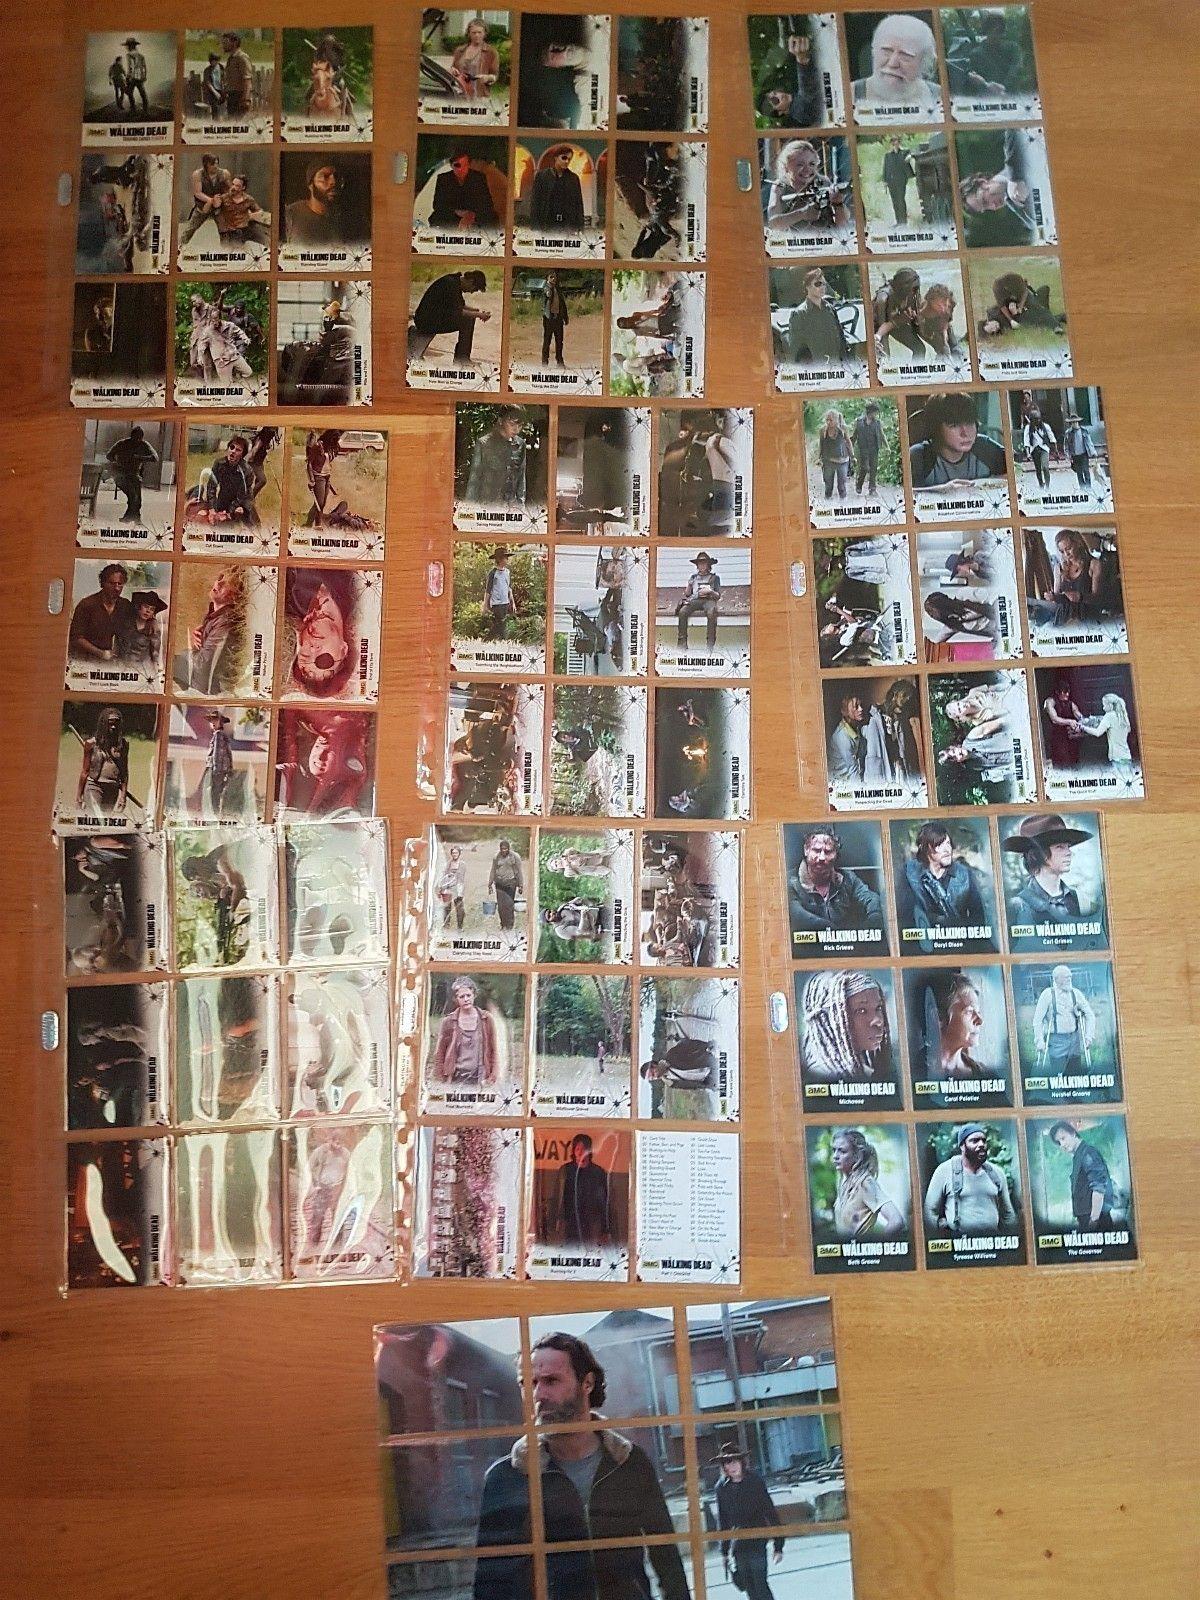 Walking dead trading cards season 4 part 1 - Stavern  - Walking dead trading cards season 4 part 1 Disse er pakket opp lagt rett i plast lommer/mapper de er i mint condison 72 Basic Set & 3 Chase Sets Mini Master 94 Cards Dette er da hele serien!!!!!! Kan også gjerne BYTTE i noe annet Walking Dead  - Stavern